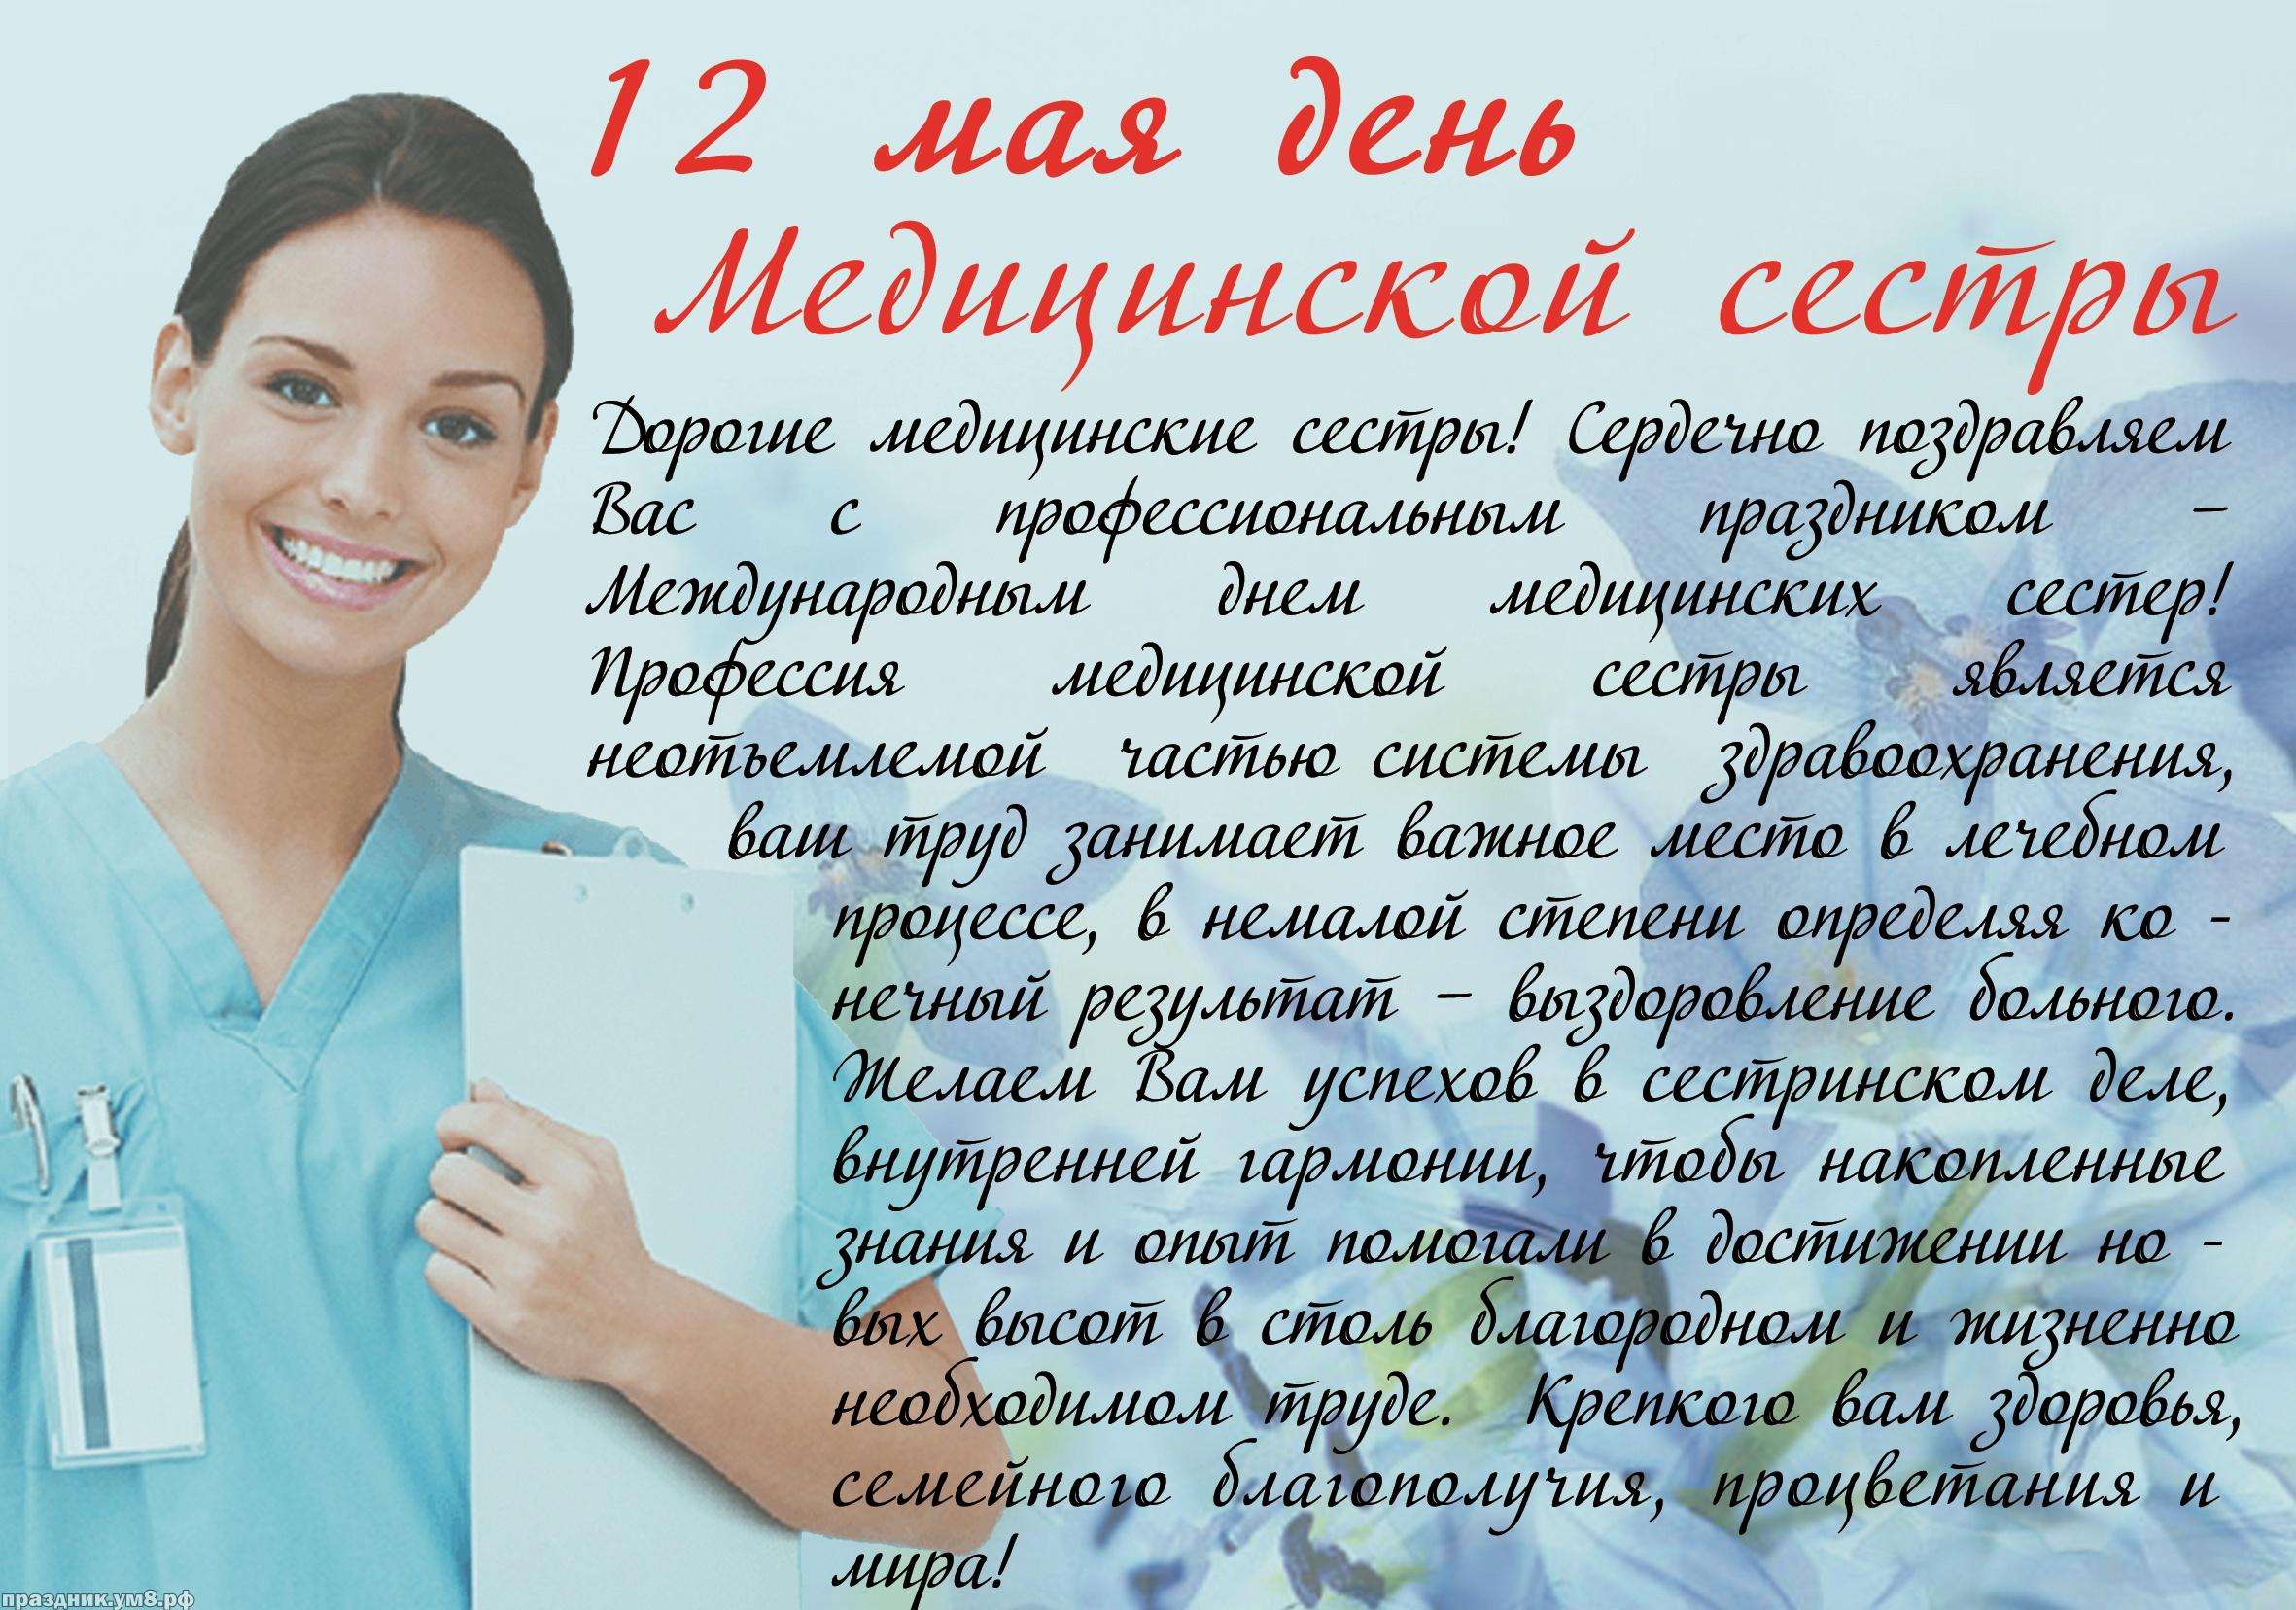 Скачать бесплатно драгоценную открытку с днем медсестры, красивые картинки коллеге! Переслать в telegram!